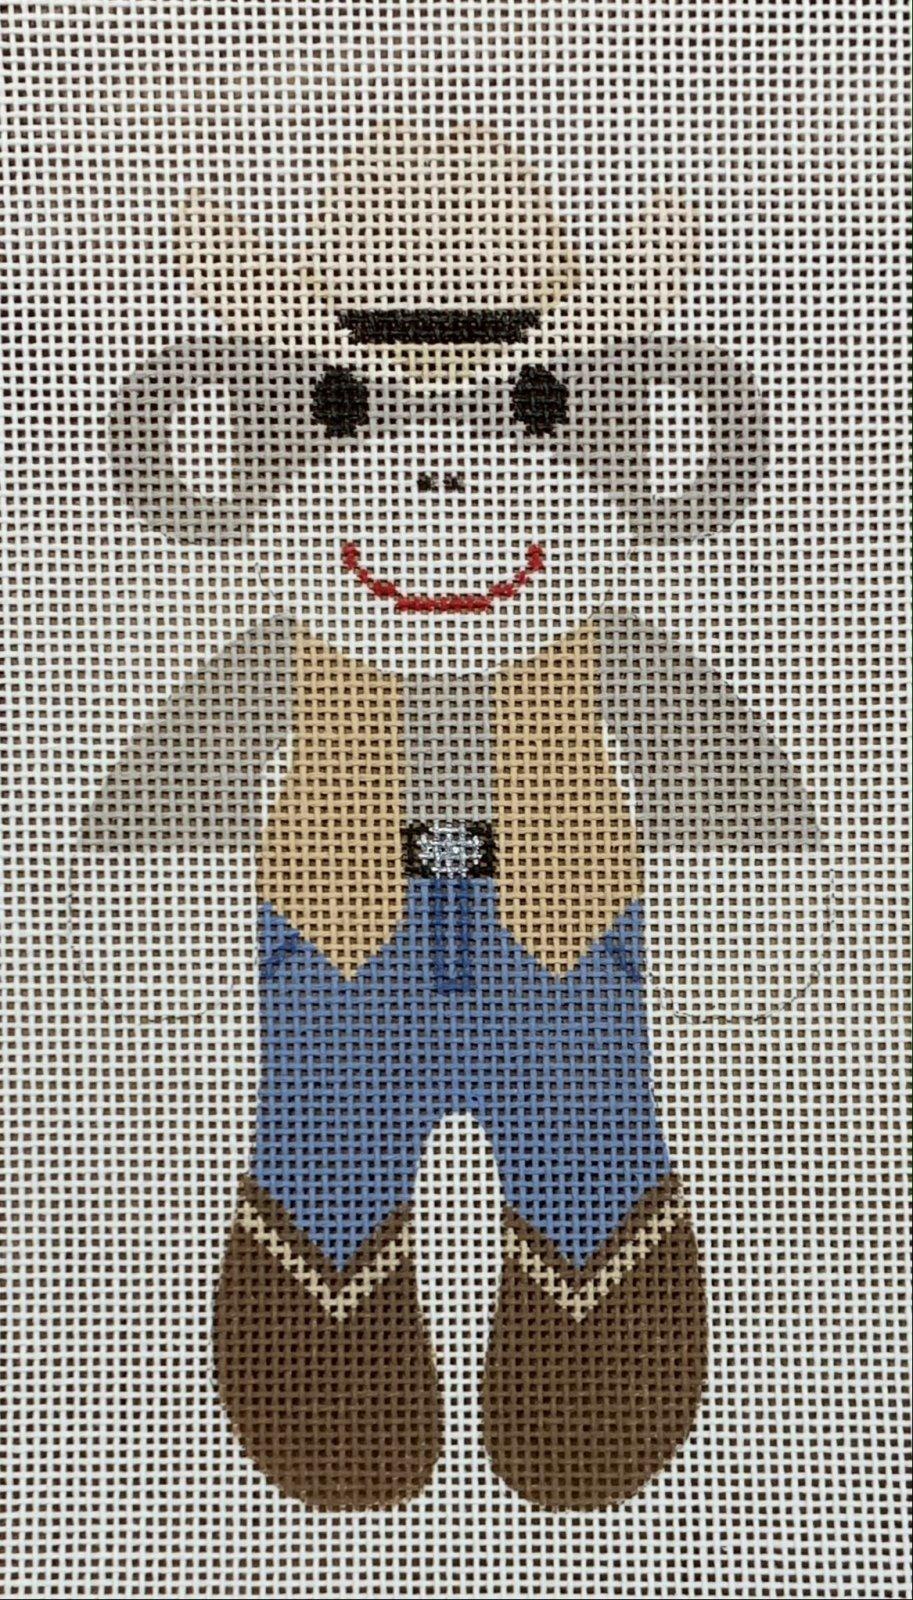 Sock Monkey - Cowboy